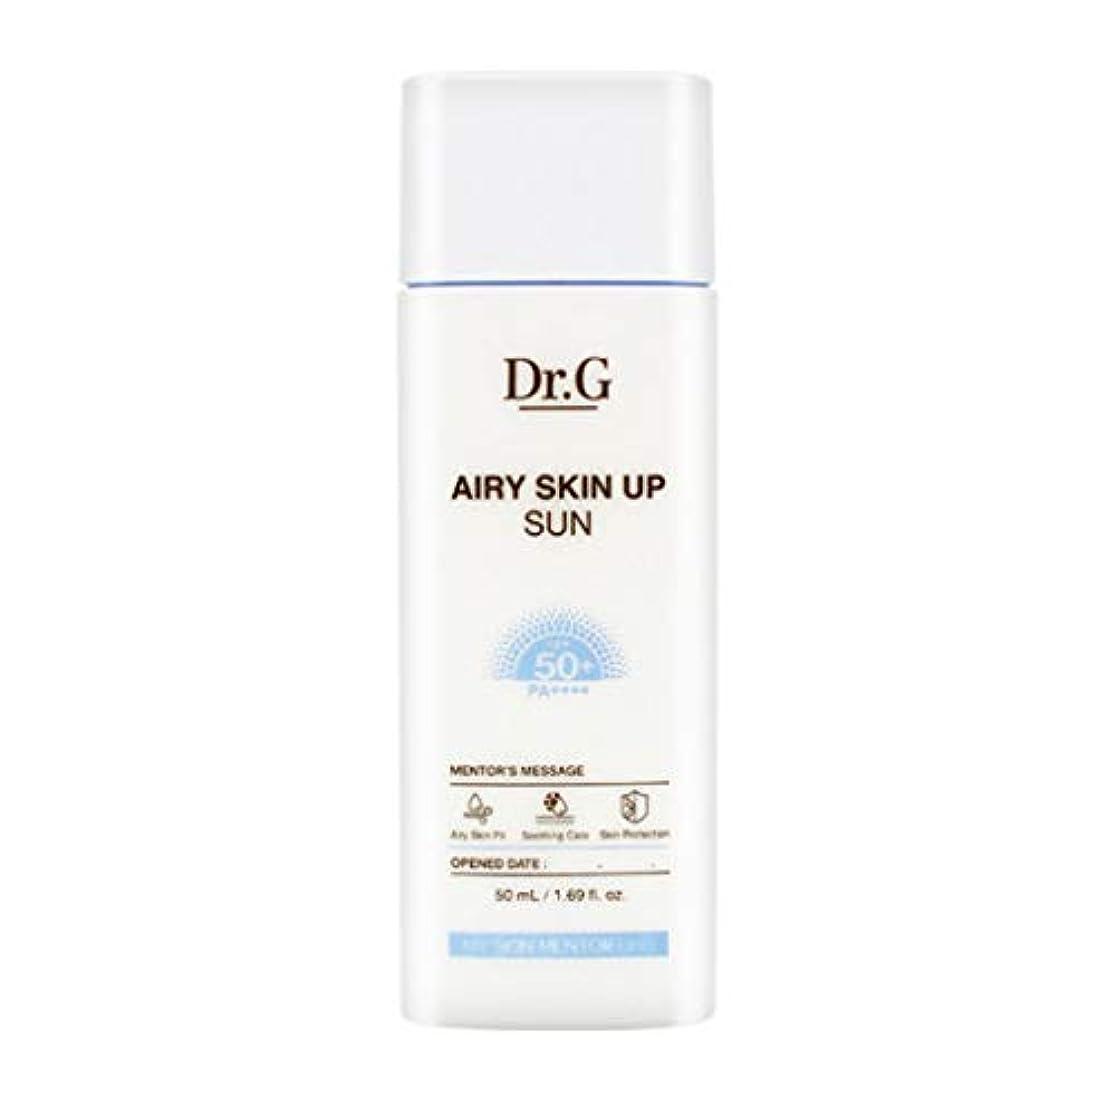 アラビア語シャイニング宙返りDr.G ドクタージー Airy Skin Up Sun エアリースキンアップサン (50ml) SPF50+ PA++++ Dr G DrG 日焼け止め